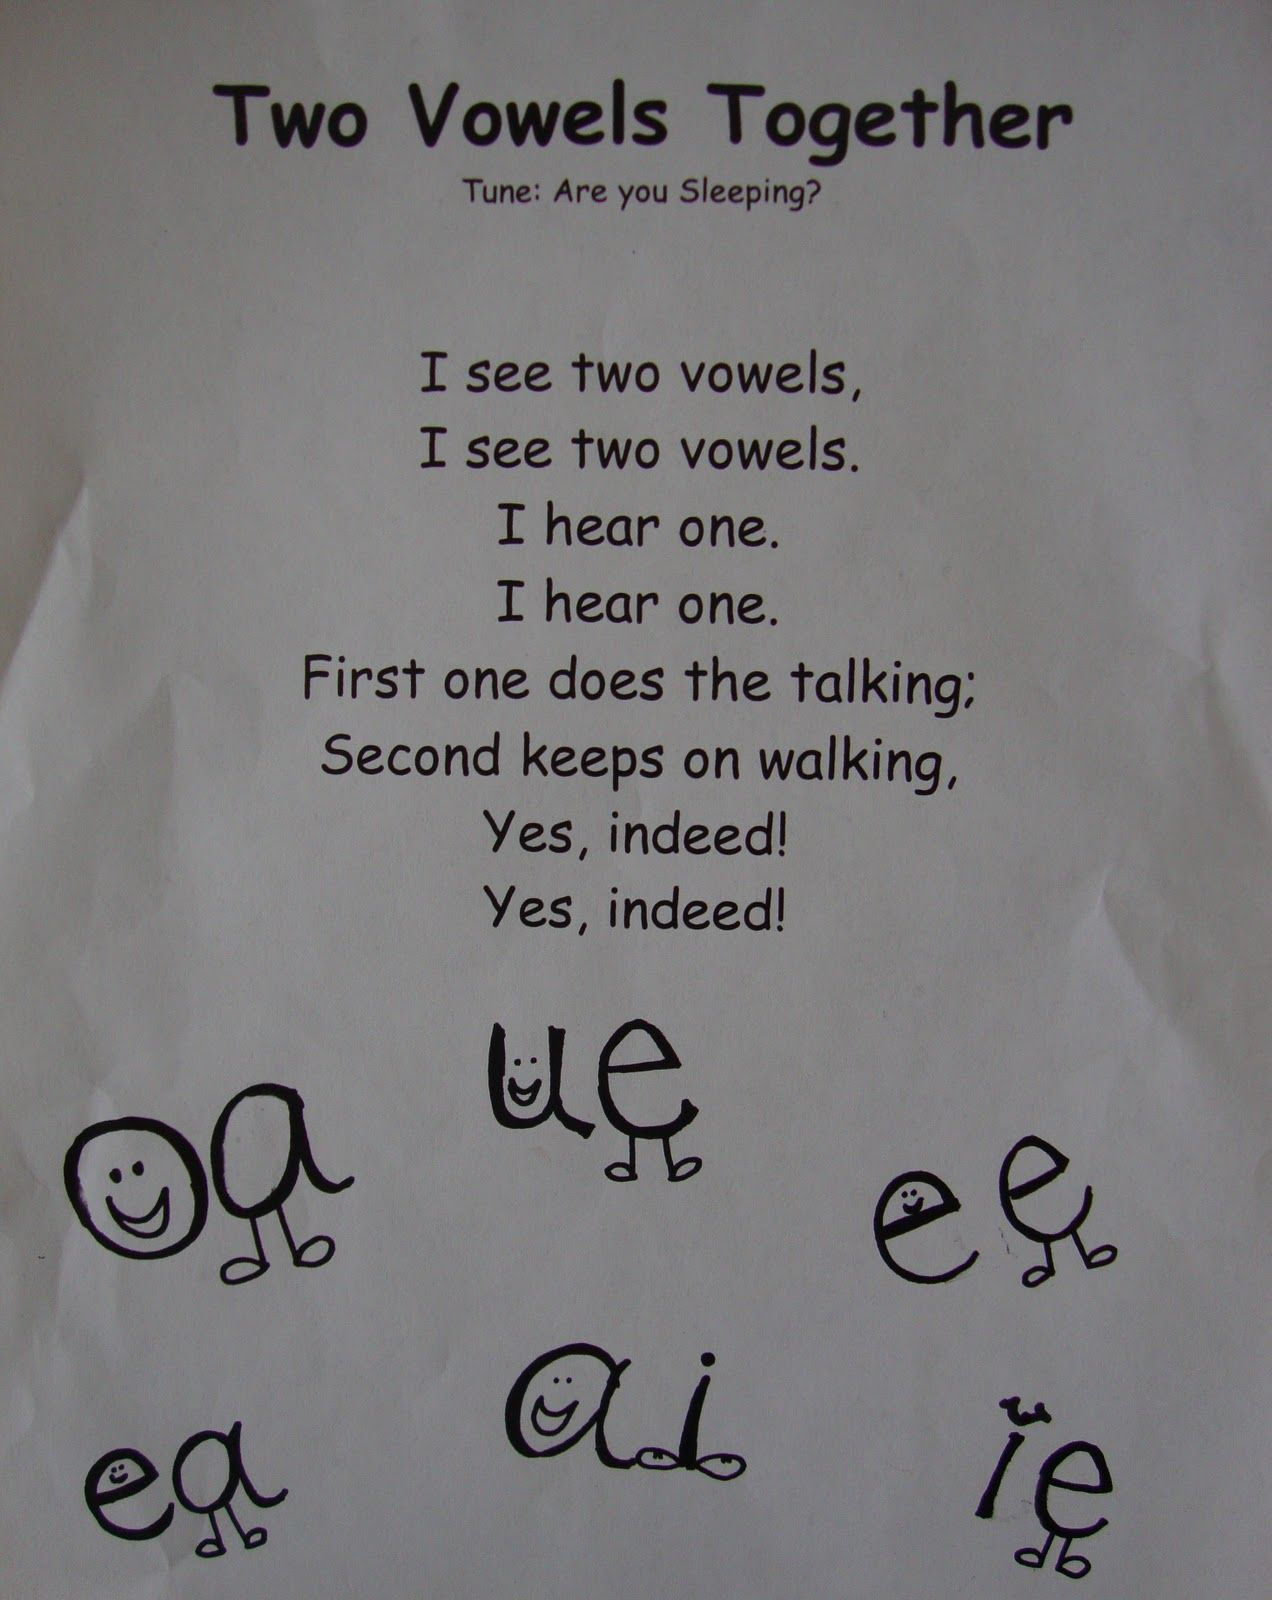 Vowel Sounds Poem